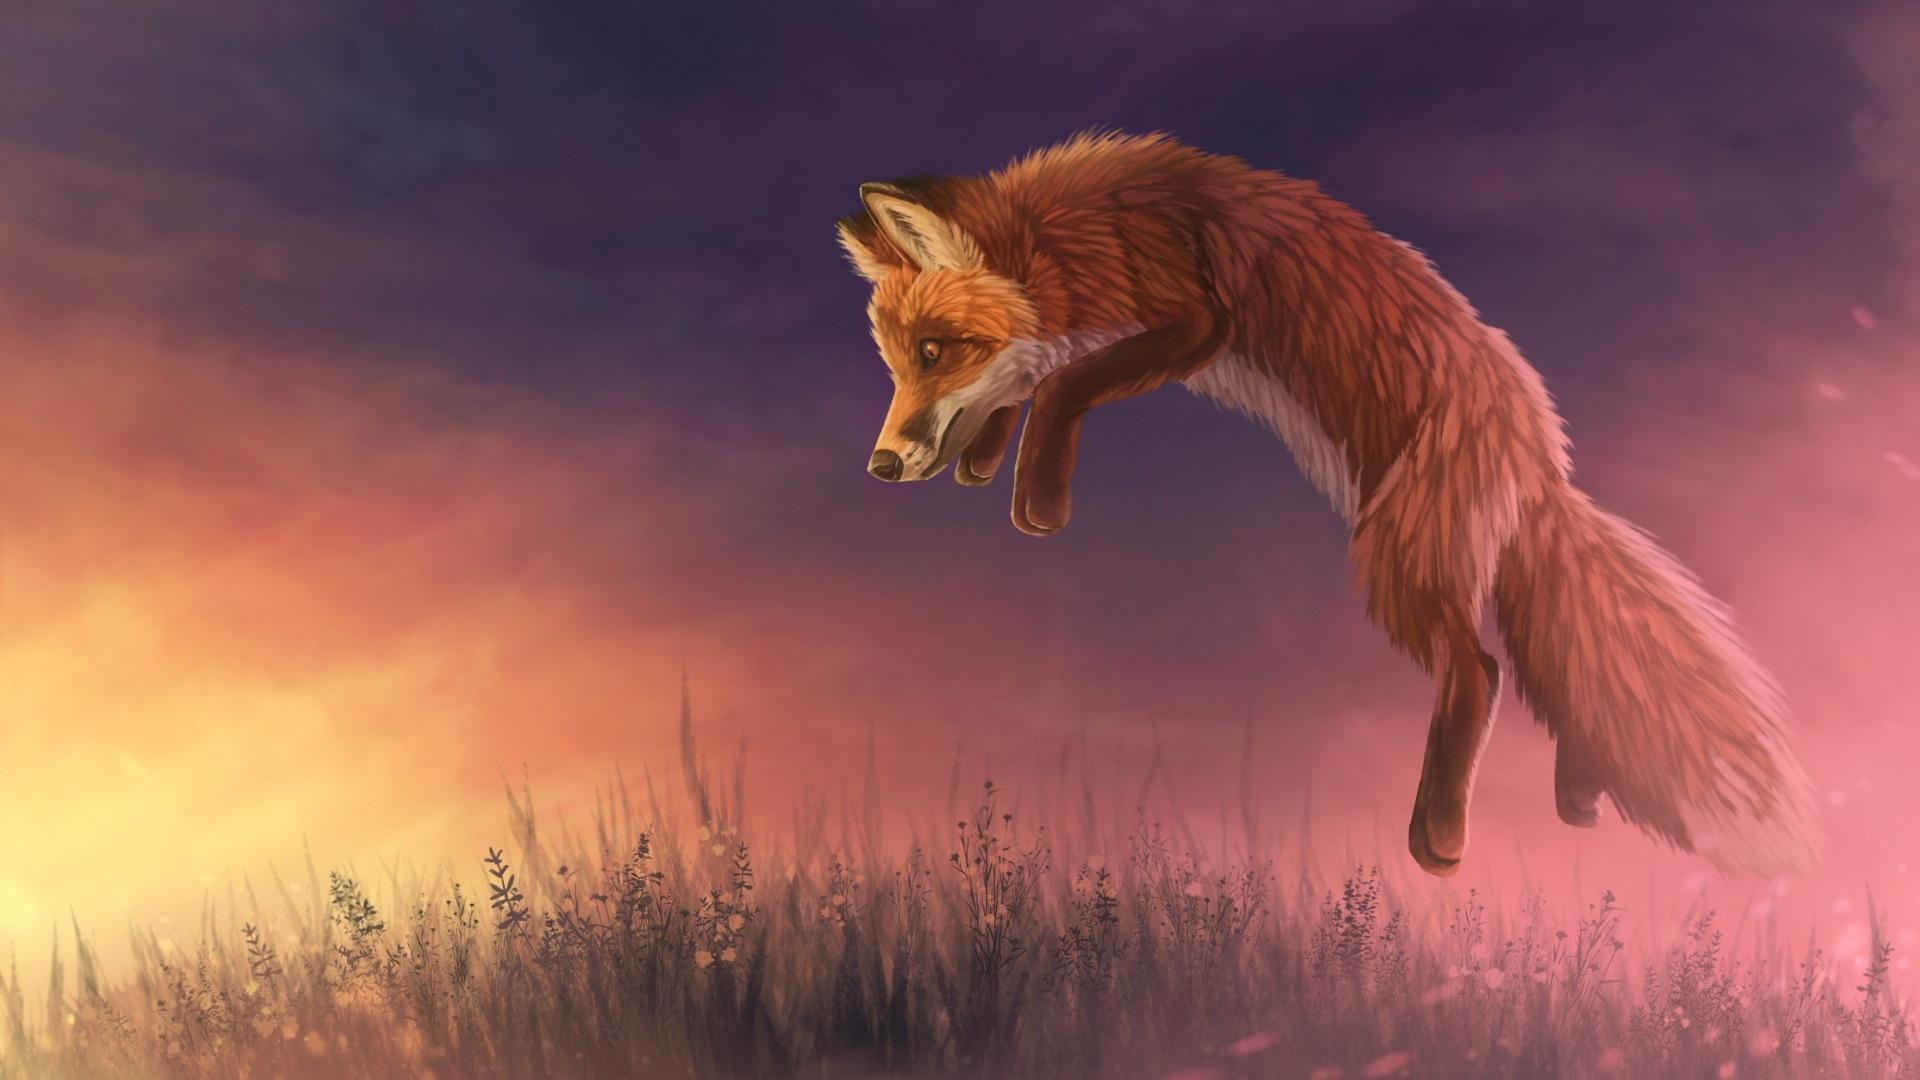 Fox Art Background